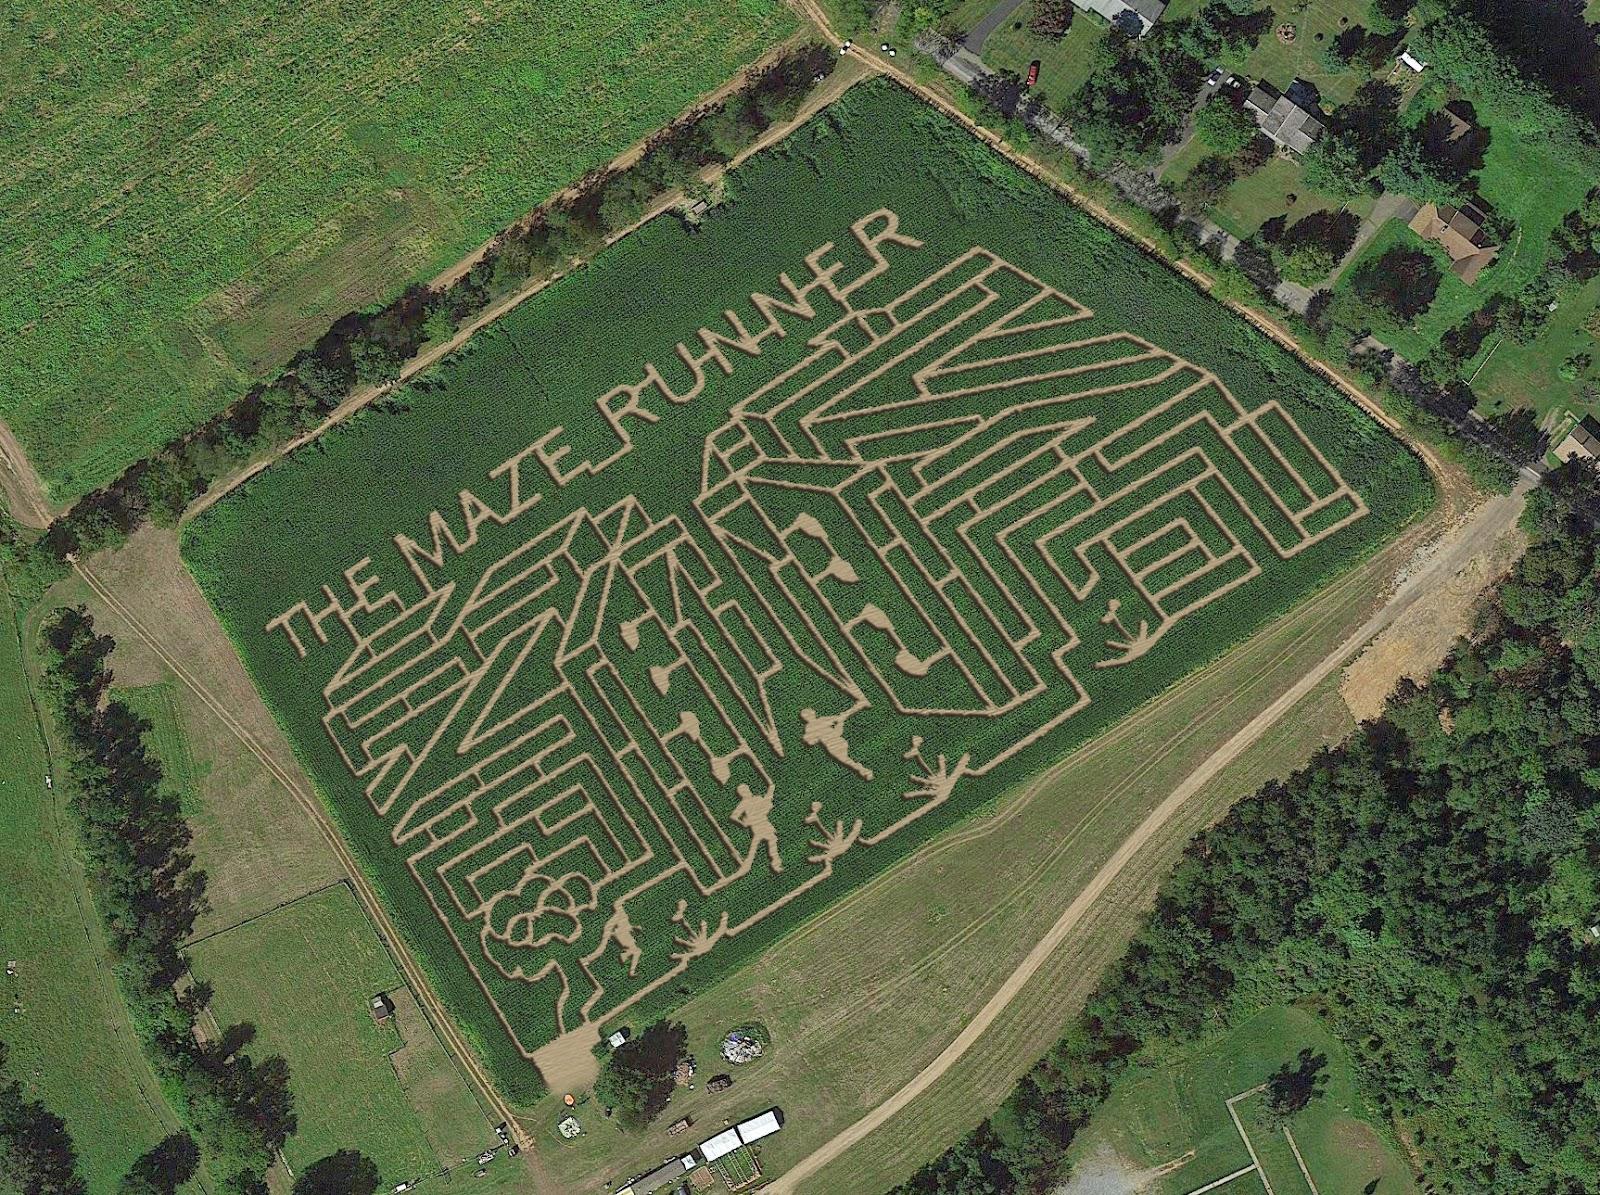 The Maze Runner Blog: Horse Sleigh Farm creates Maze